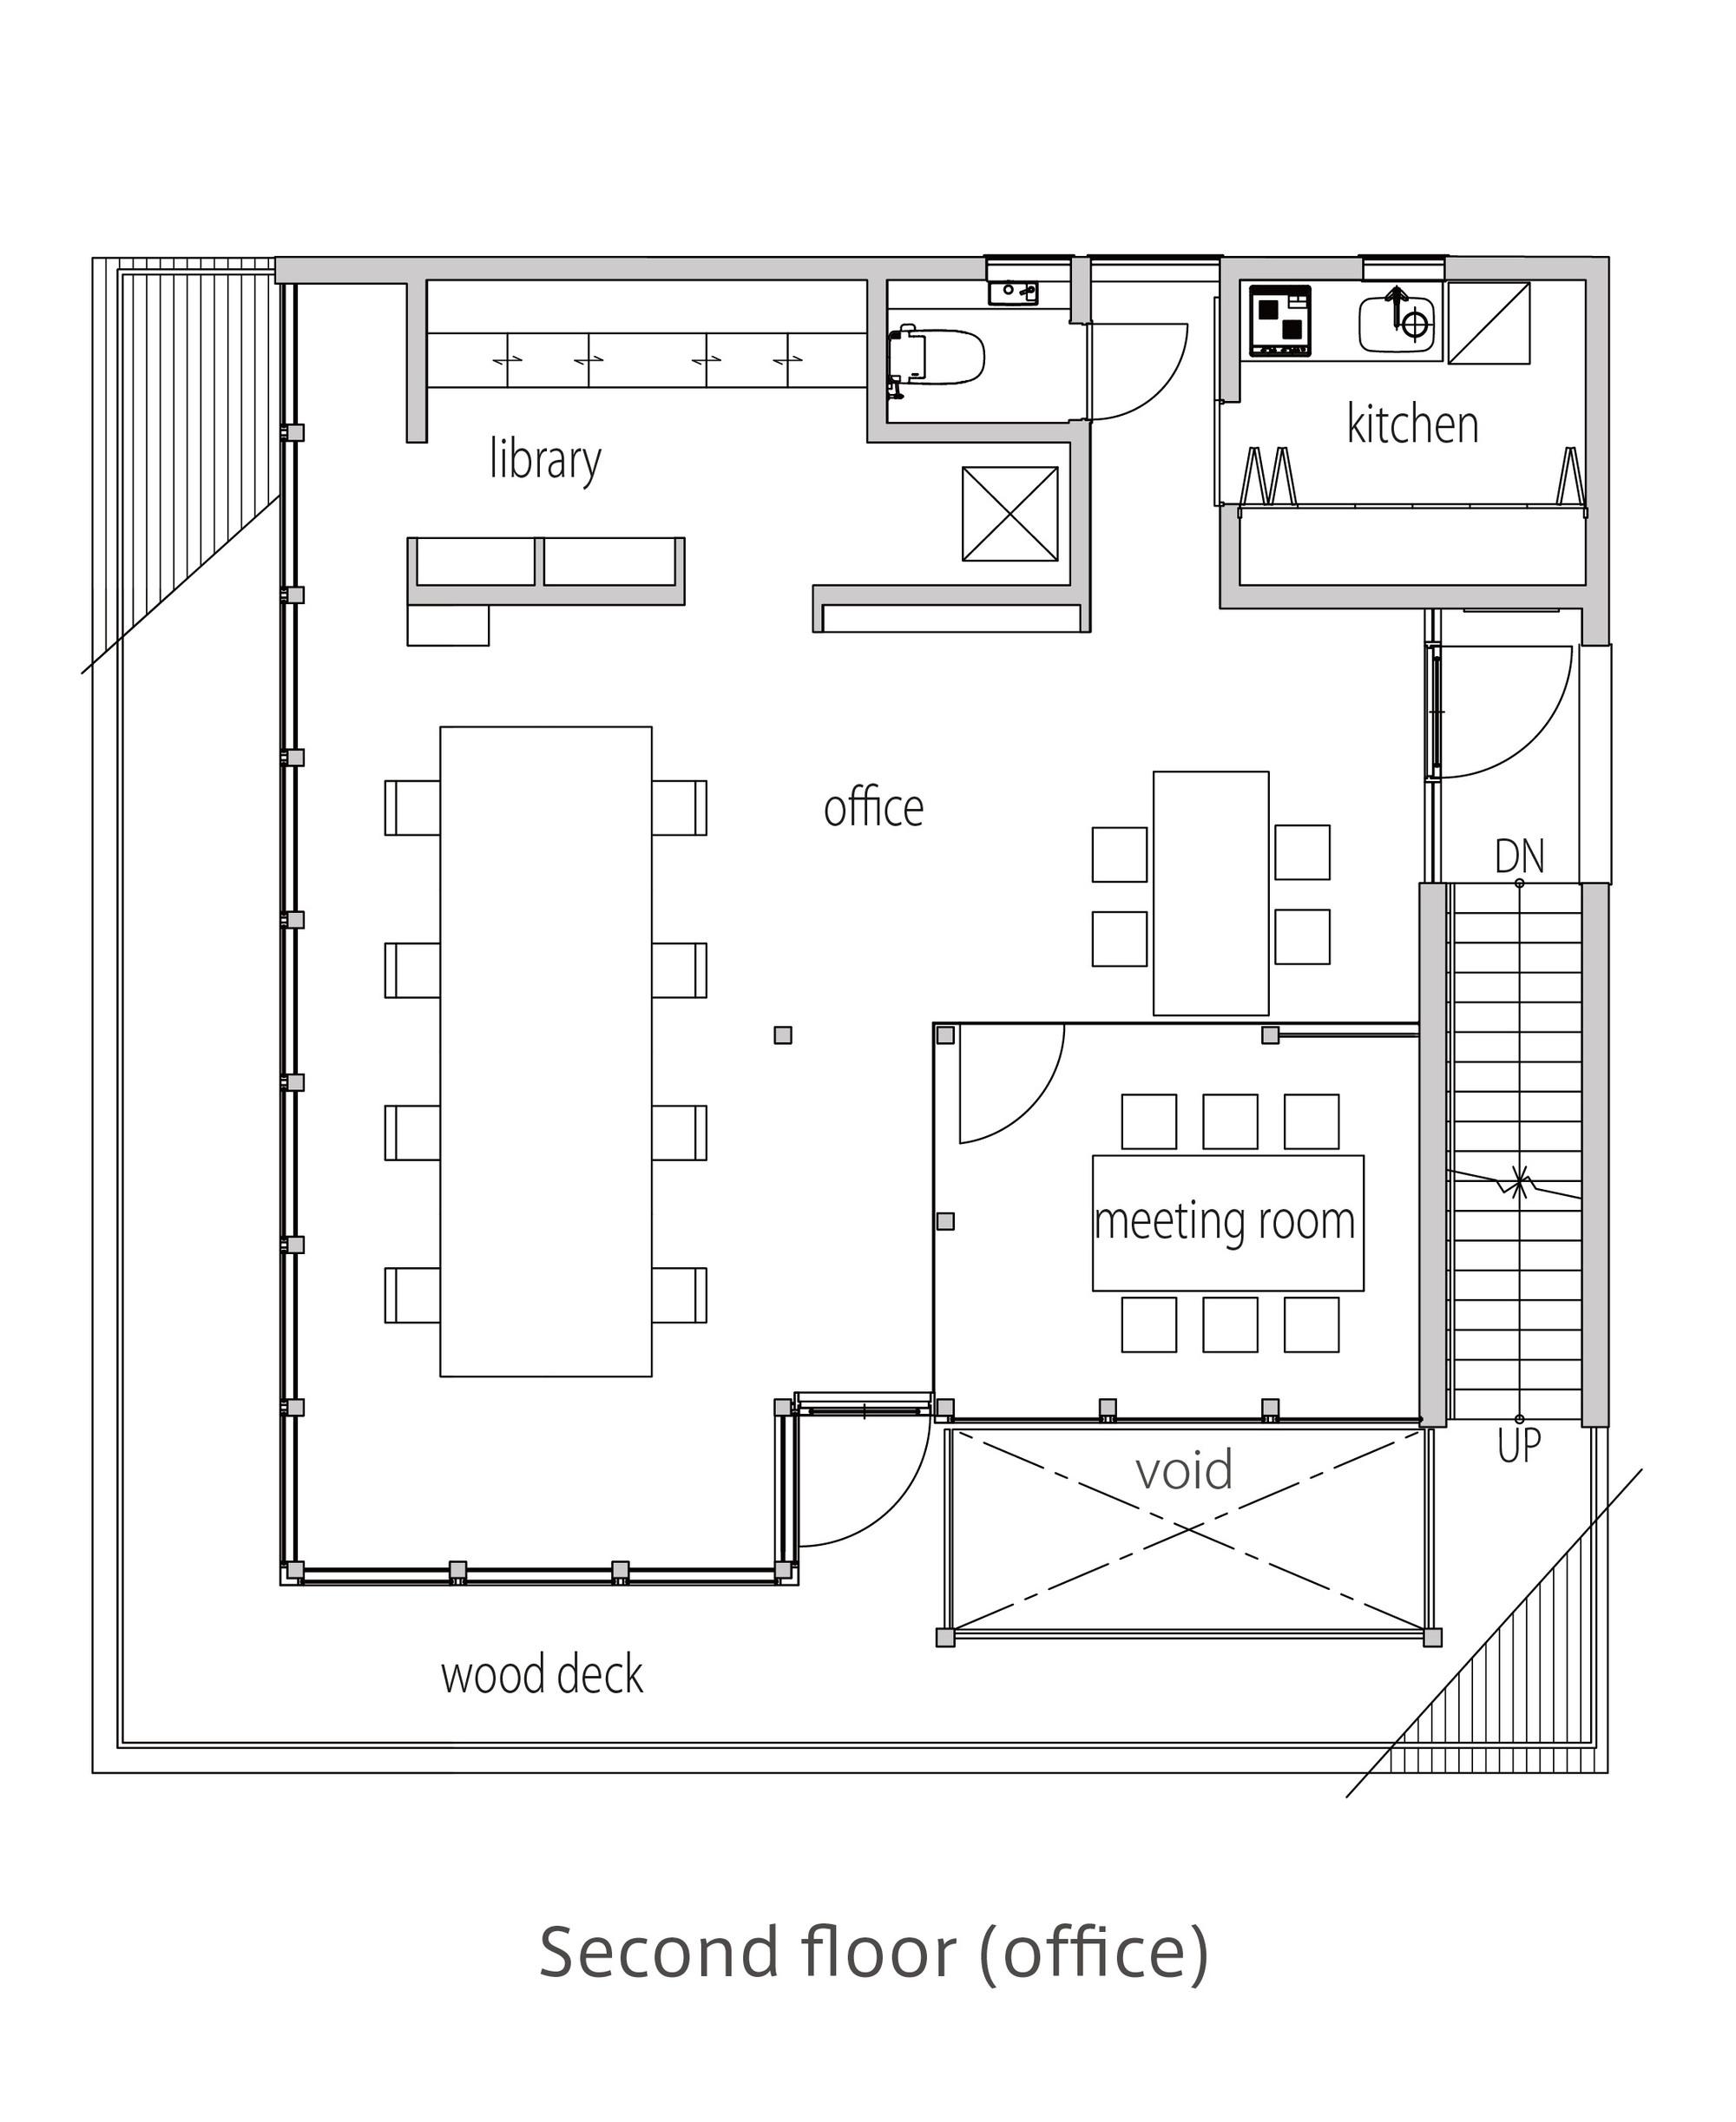 Desenhar Plantas De Casas Galeria De Vidro Madeira Hamada Design 13